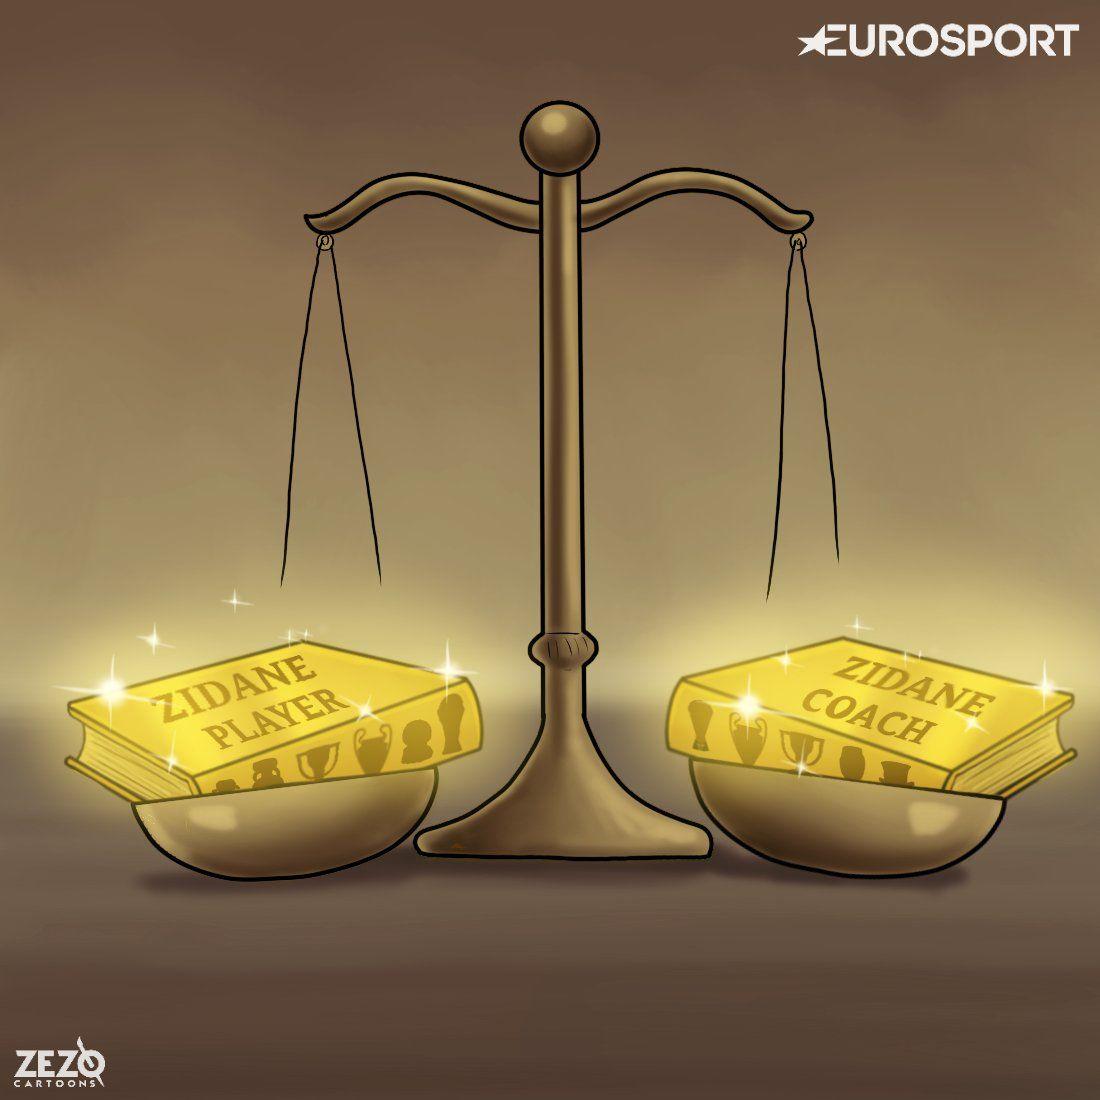 """""""Zezo Cartoons""""ning yangi ishini taqdim etamiz. Futbolchi Zidan kuchlimi yoki murabbiy Zidan?!"""